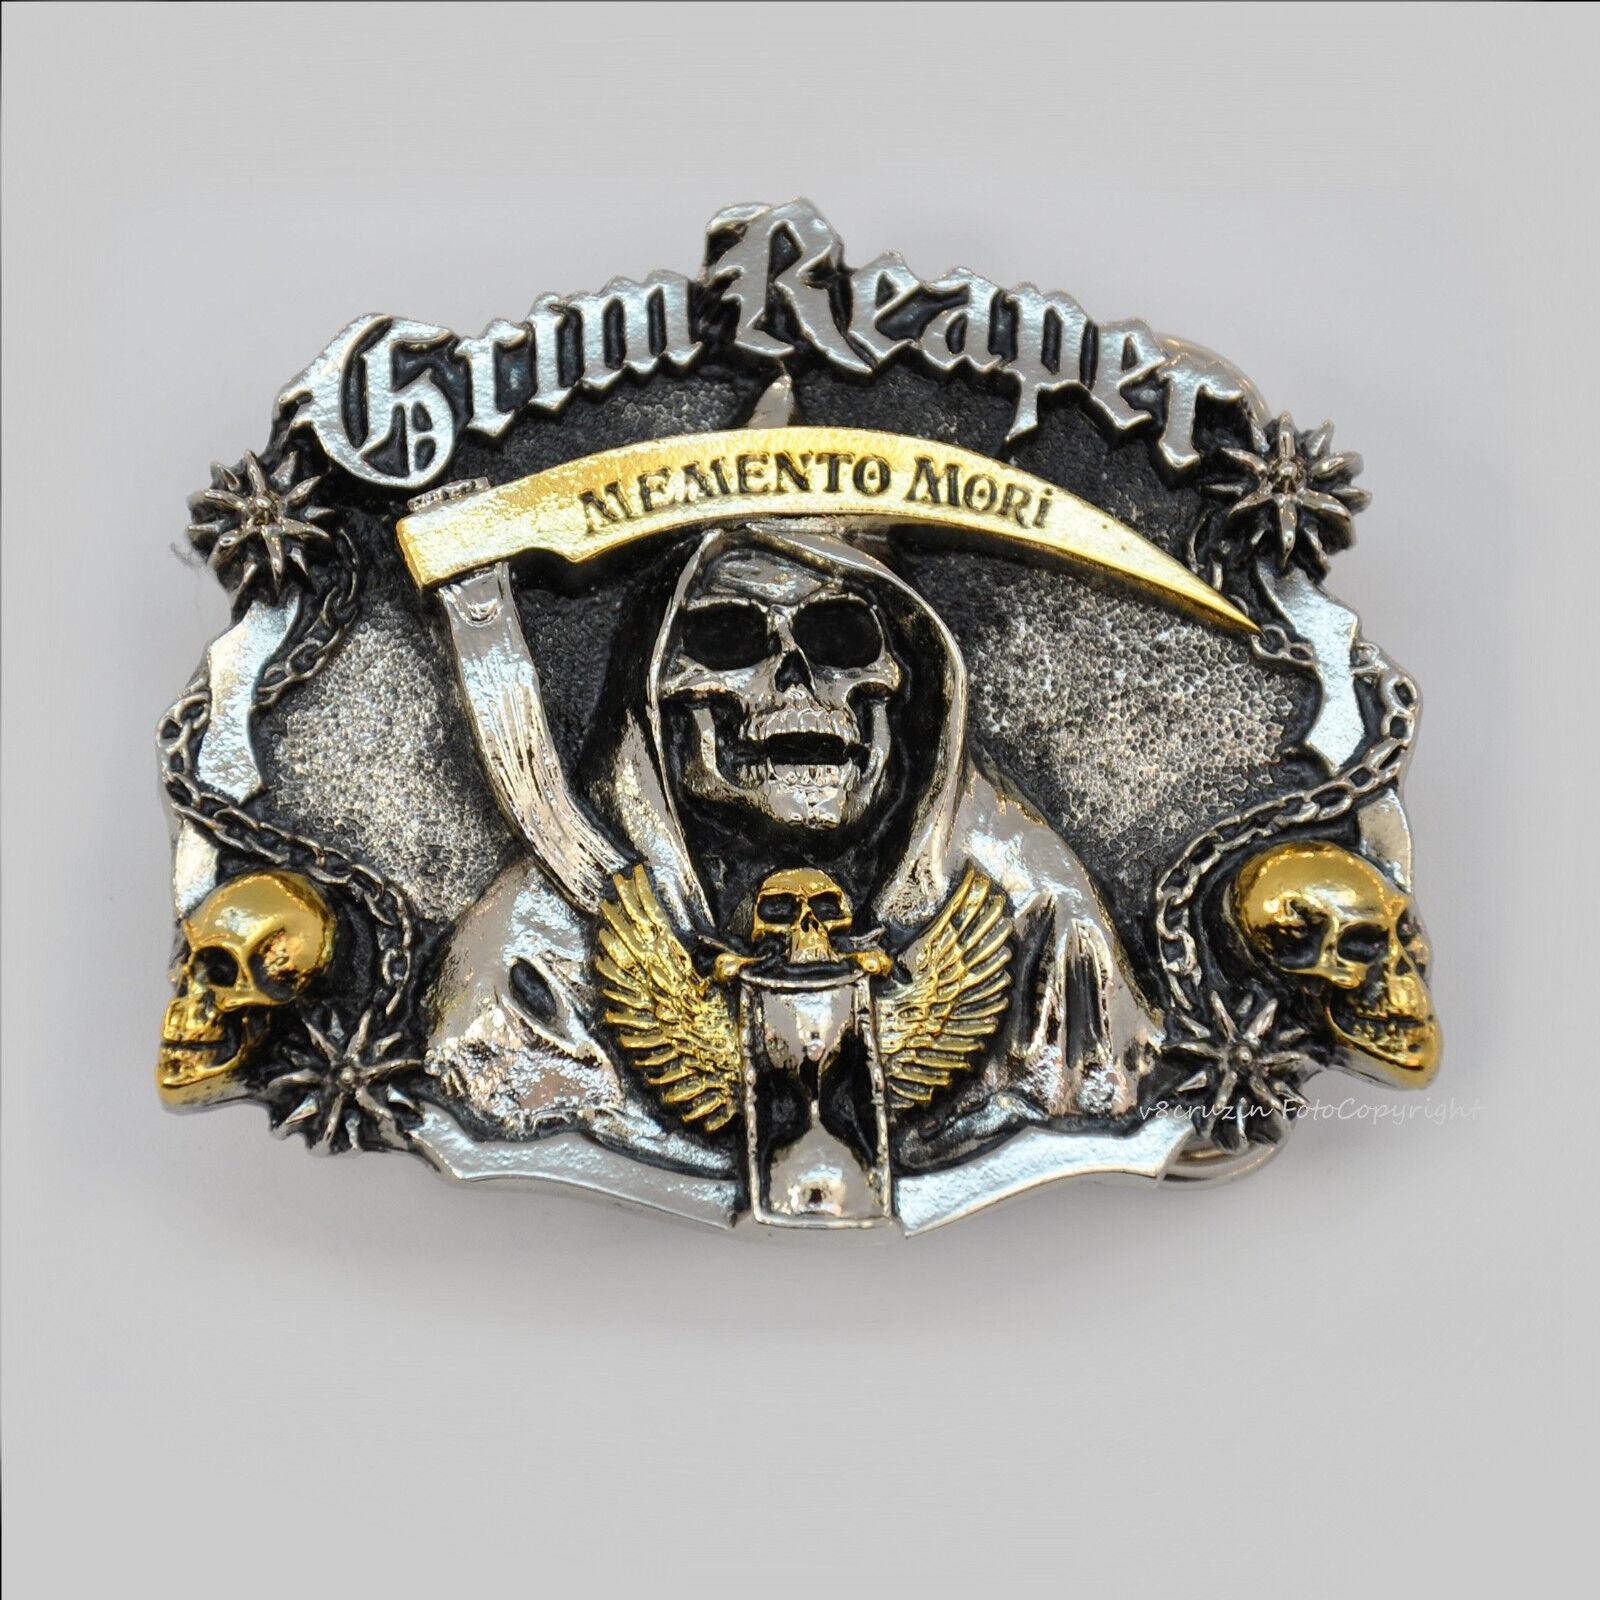 Totenkopf Skull Gürtelschnalle Reaper Heavy Metal Biker Belt Buckle *149